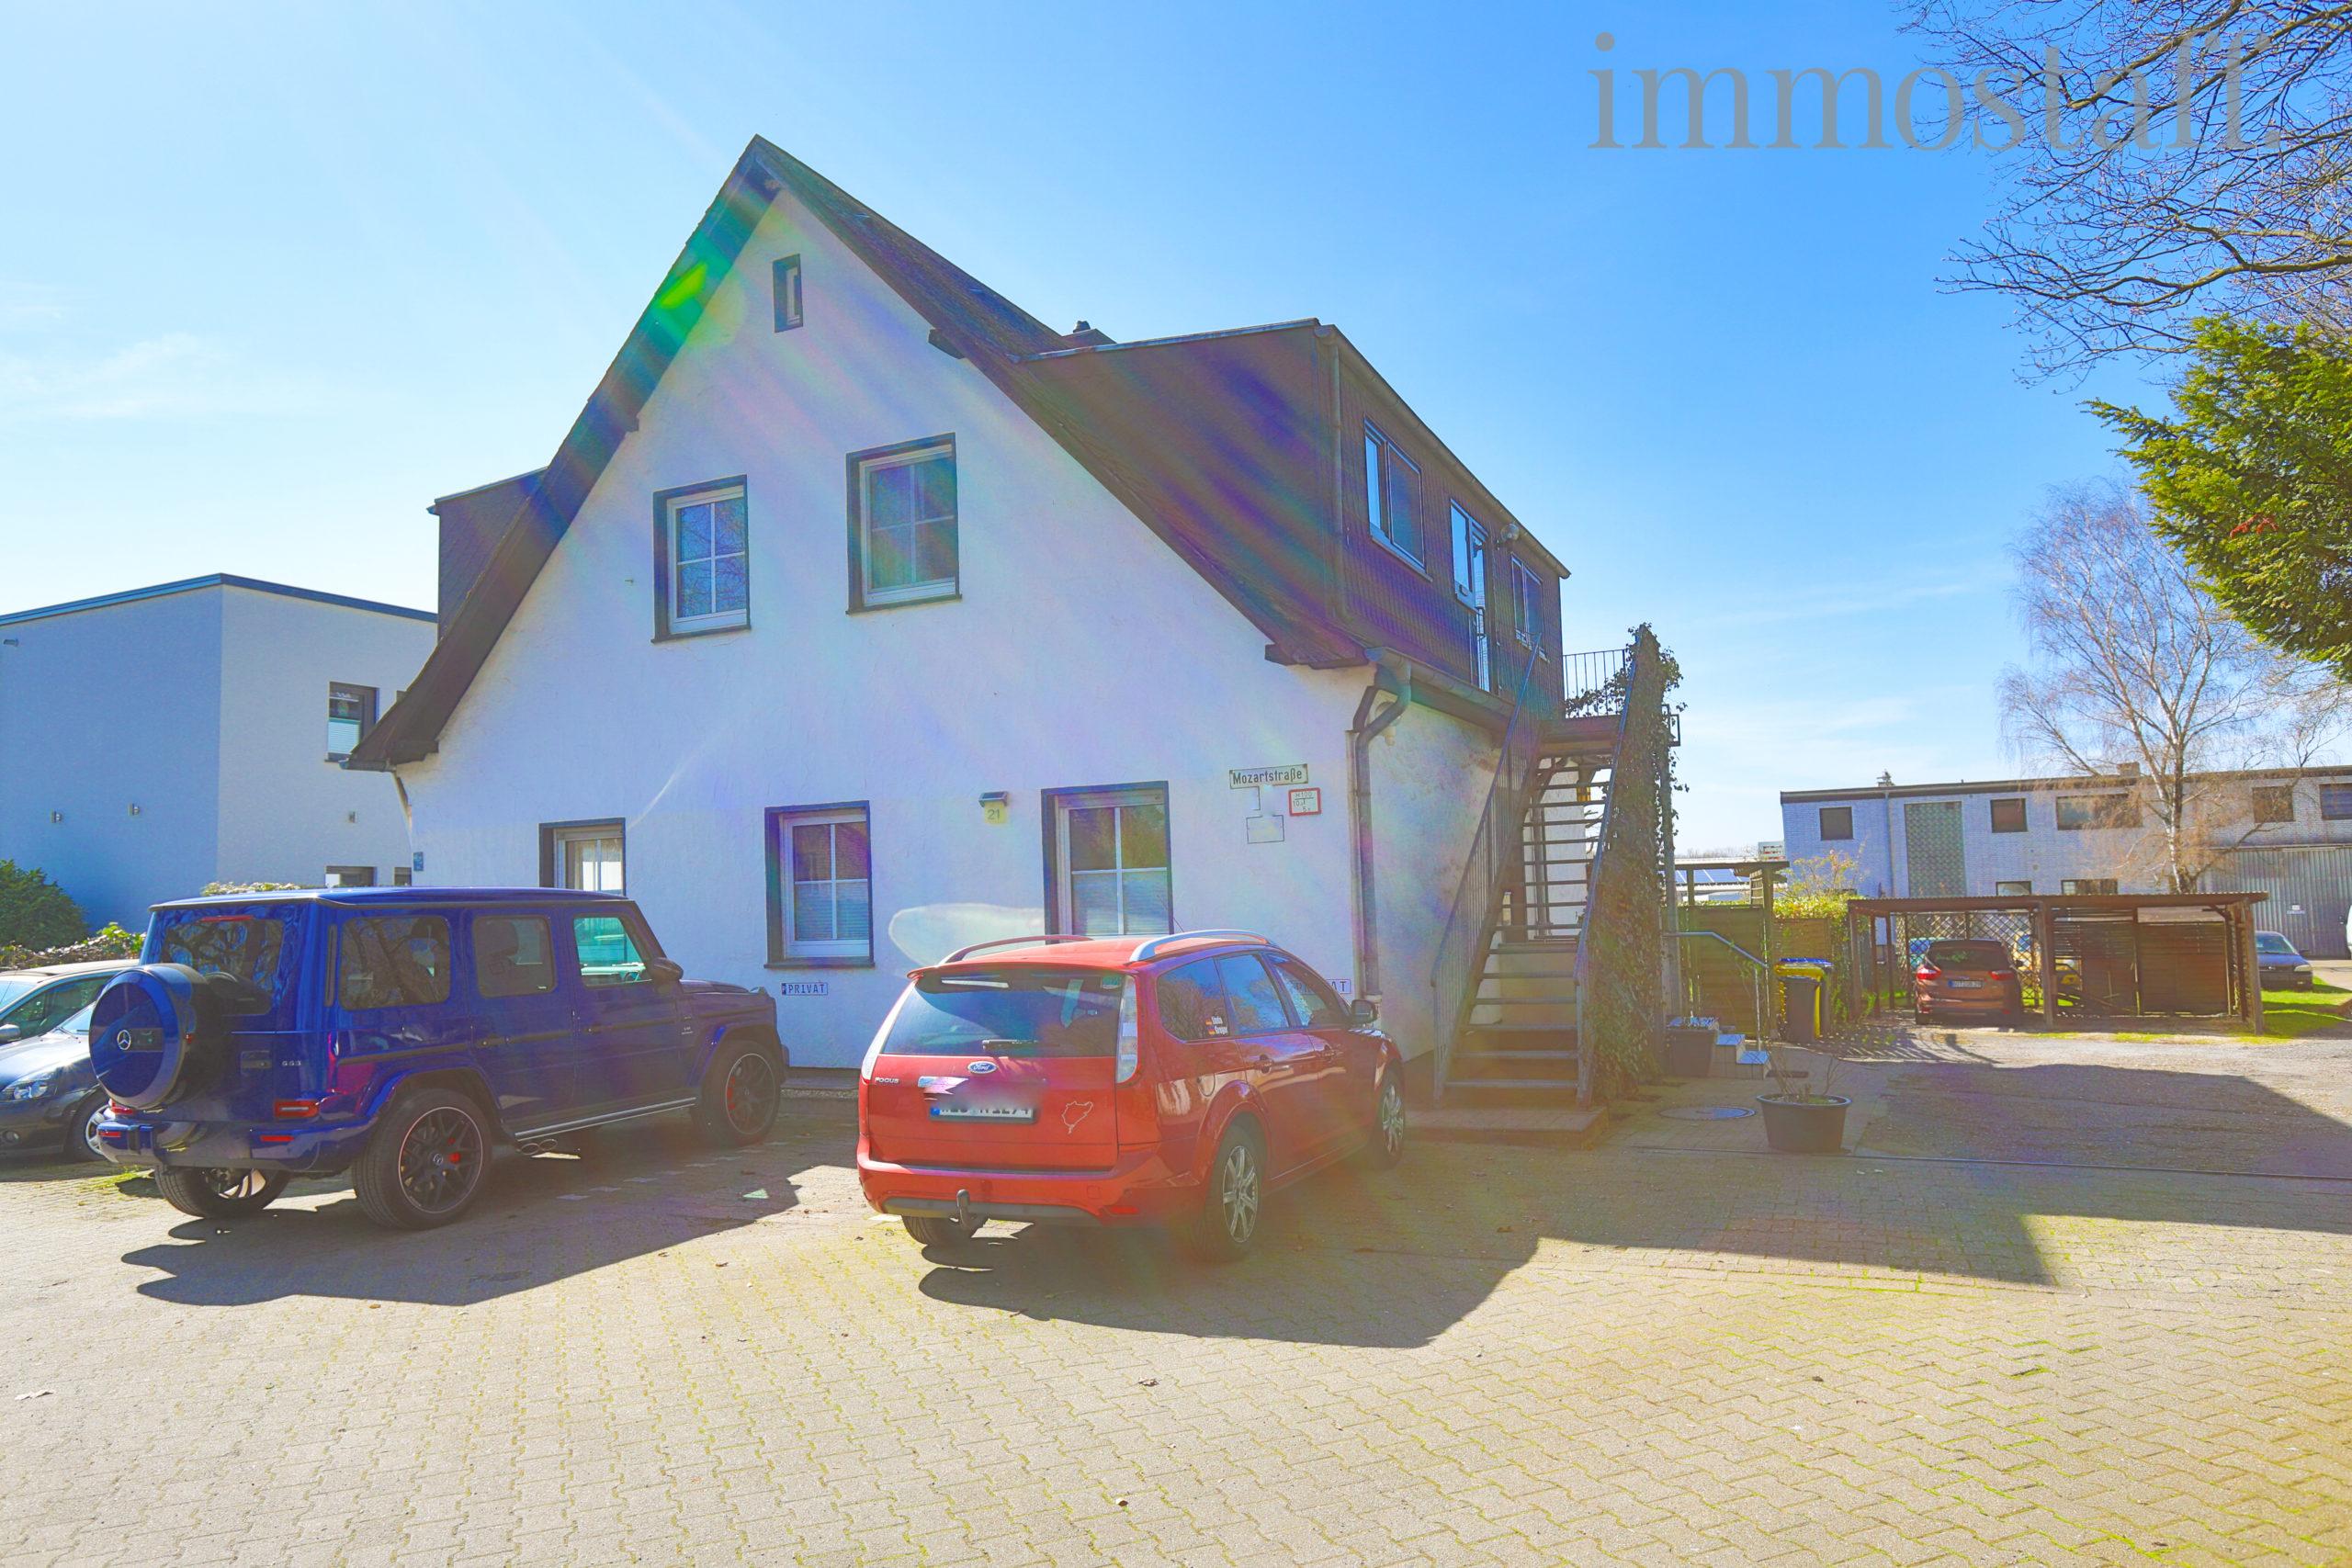 ZWEI IMMOBILIEN, EIN PREIS ! 1 x freistehendes Zweifamilienhaus & 1 x Wohn- & Geschäftshaus zu verkaufen!